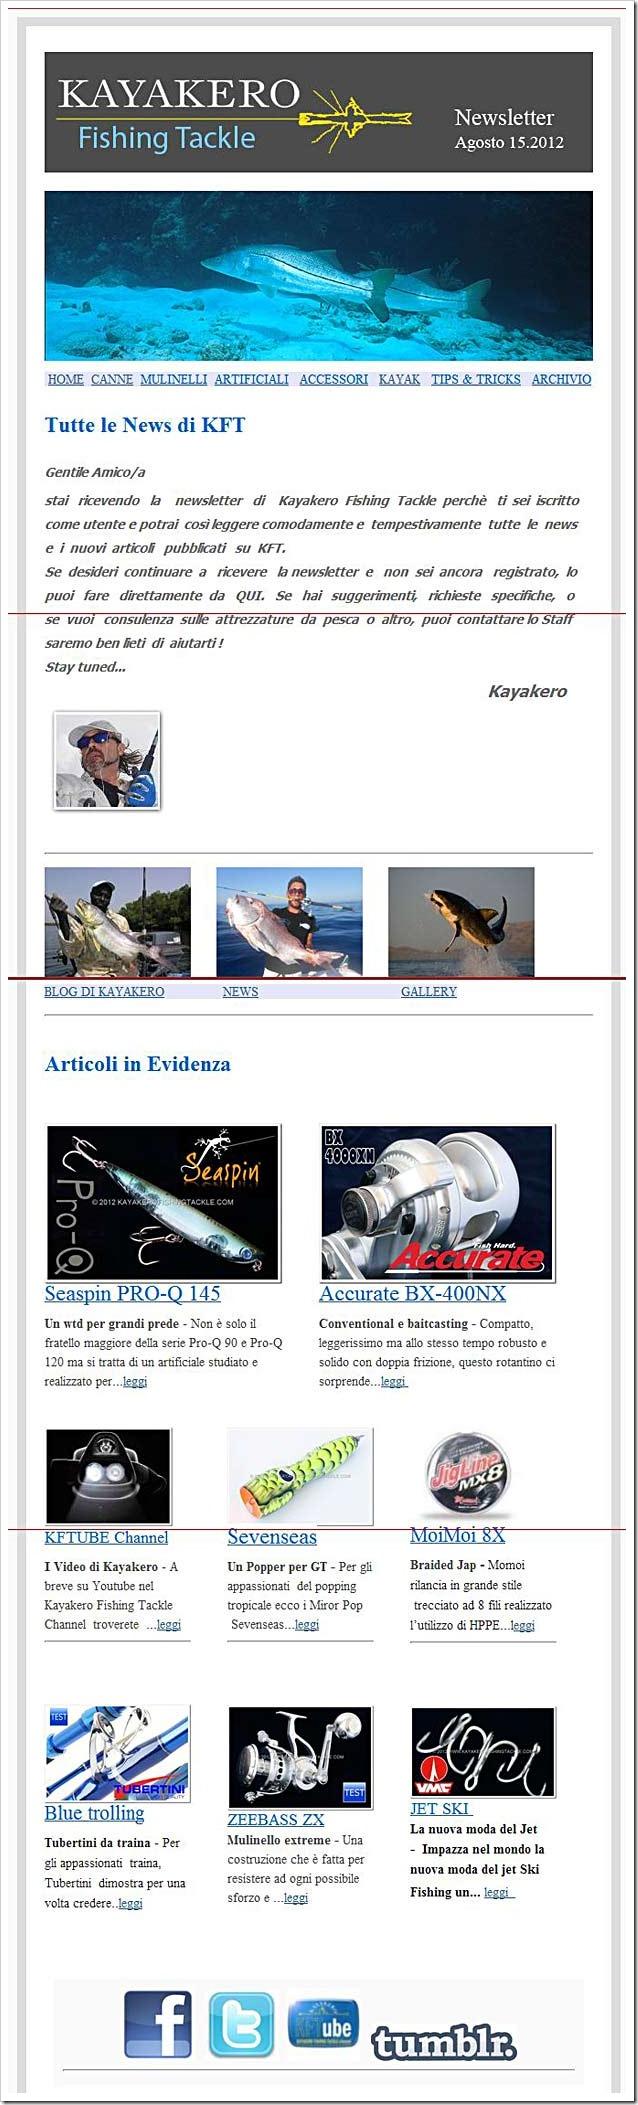 Newsletter-Kayakero-Fishing-Tackle